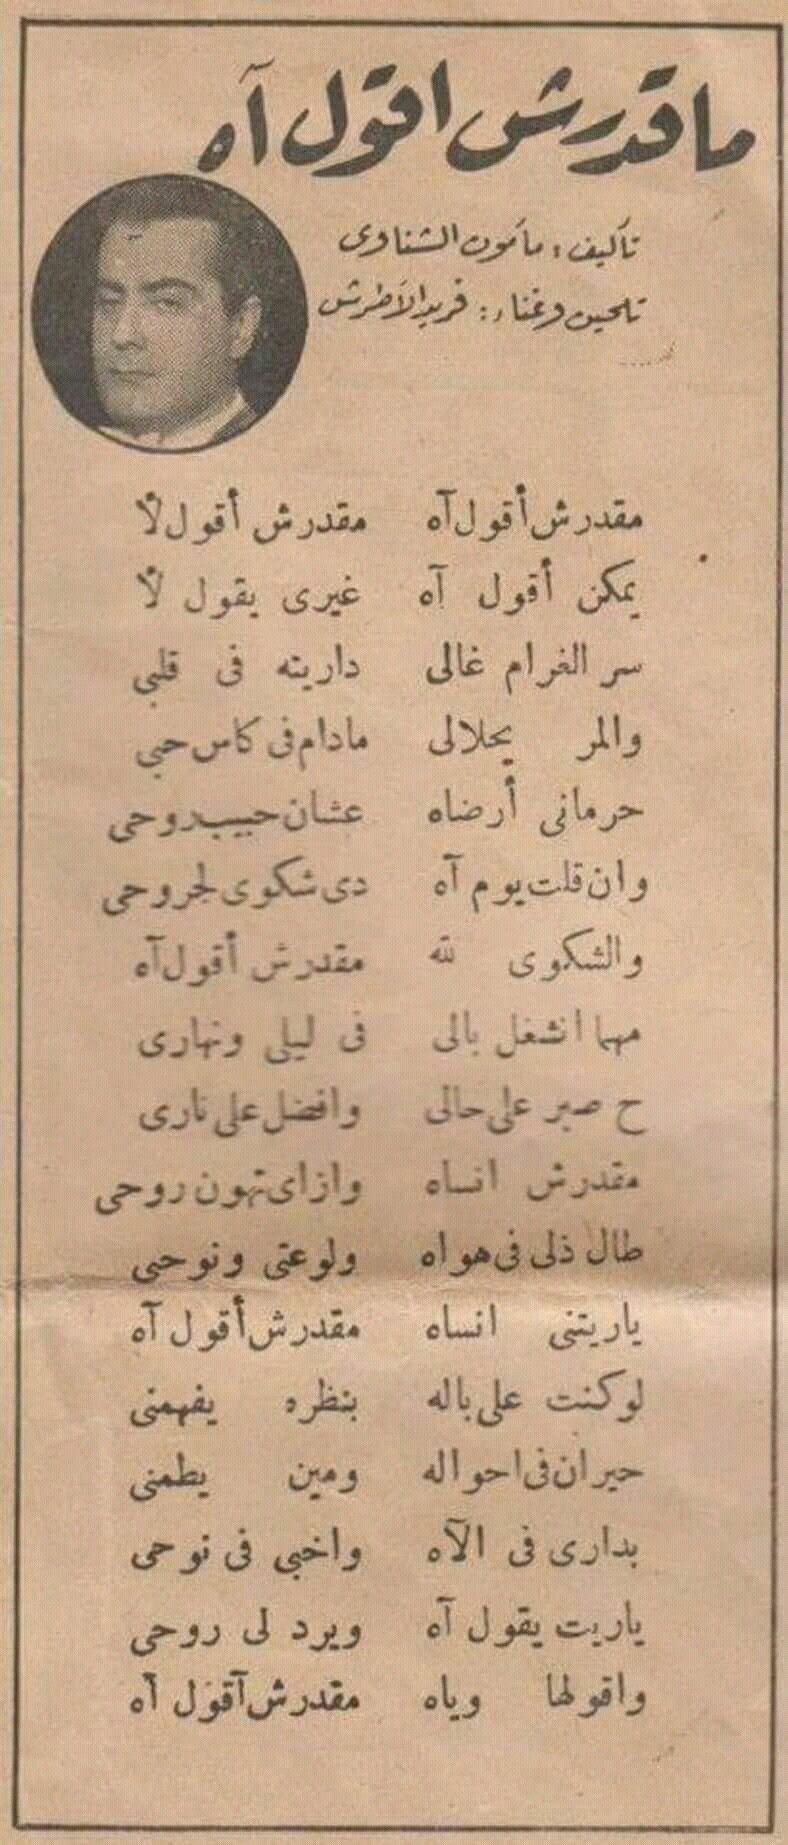 فريد الاطرش Egyptian Movies Song Words Egypt History